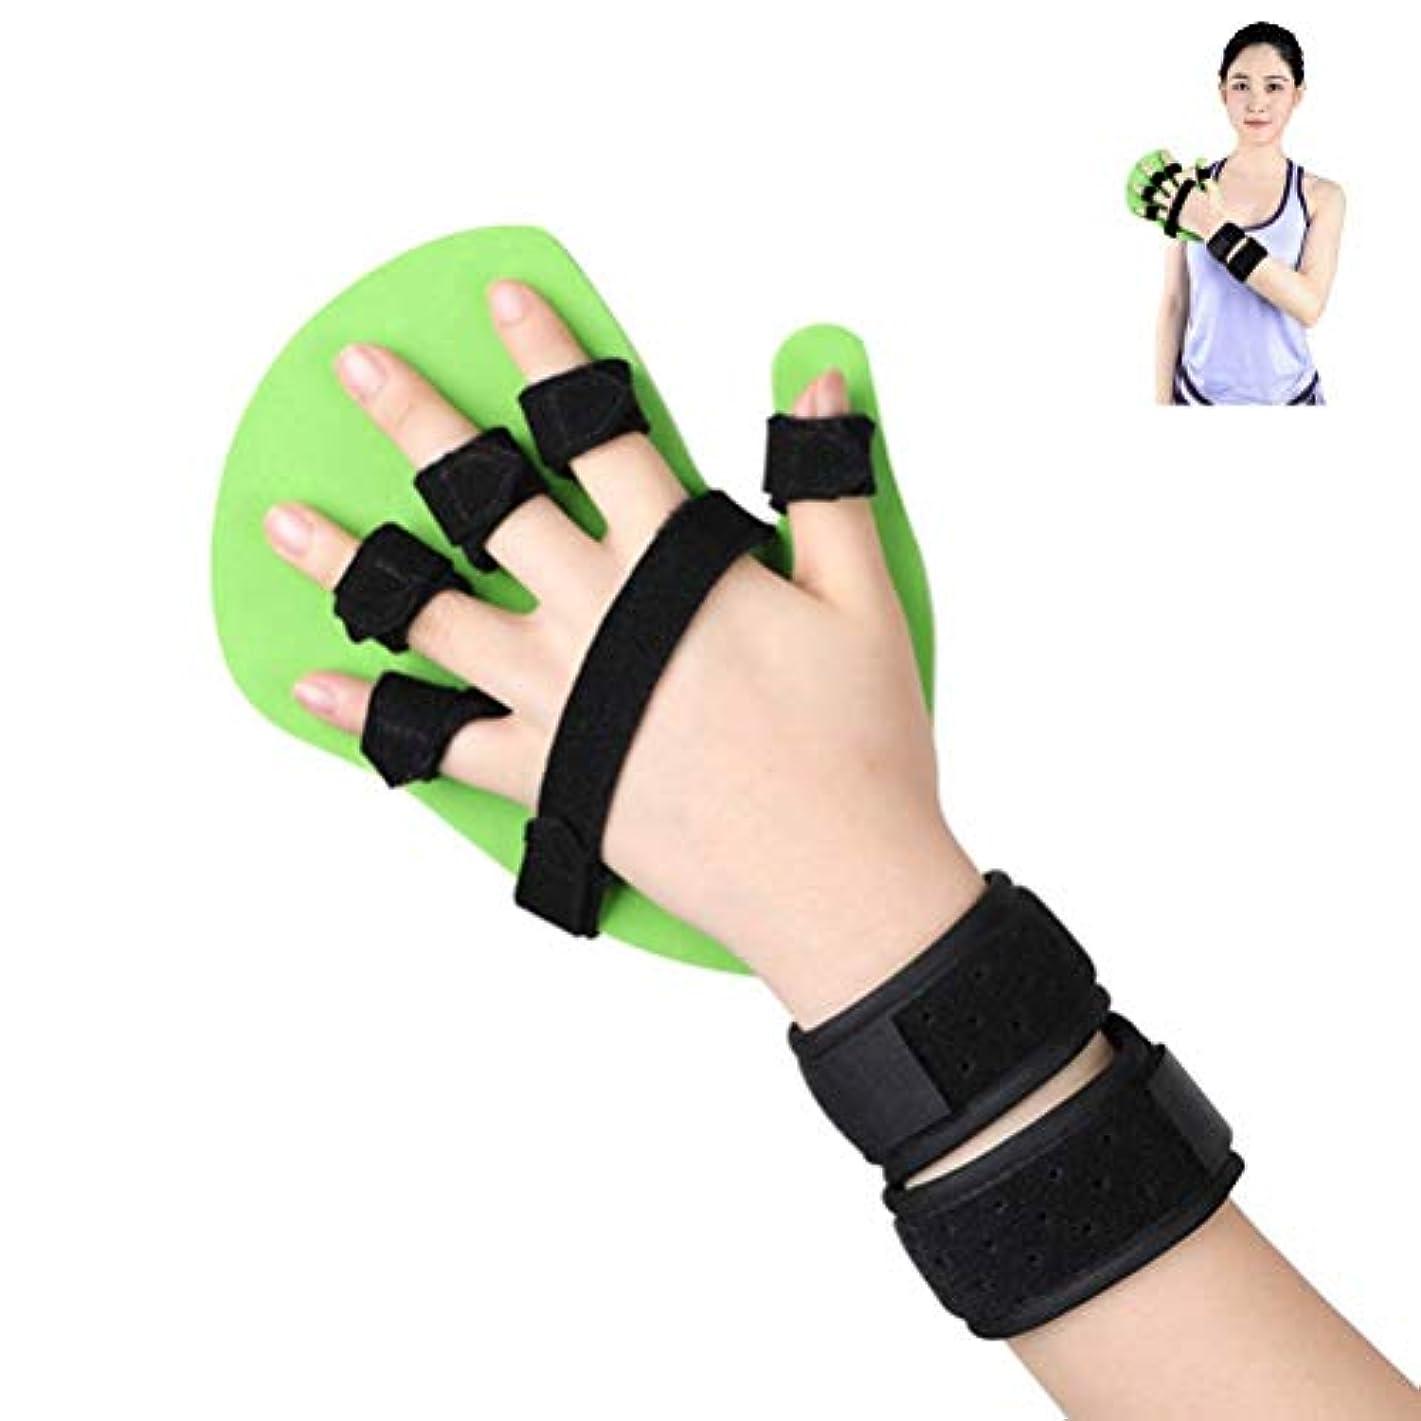 達成するとげ集めるフィンガースプリント指、指セパレーターインソール、手の手首のトレーニング装具デバイスブレース攣縮拡張ボードスプリント脳卒中 (Color : Left, Size : S)